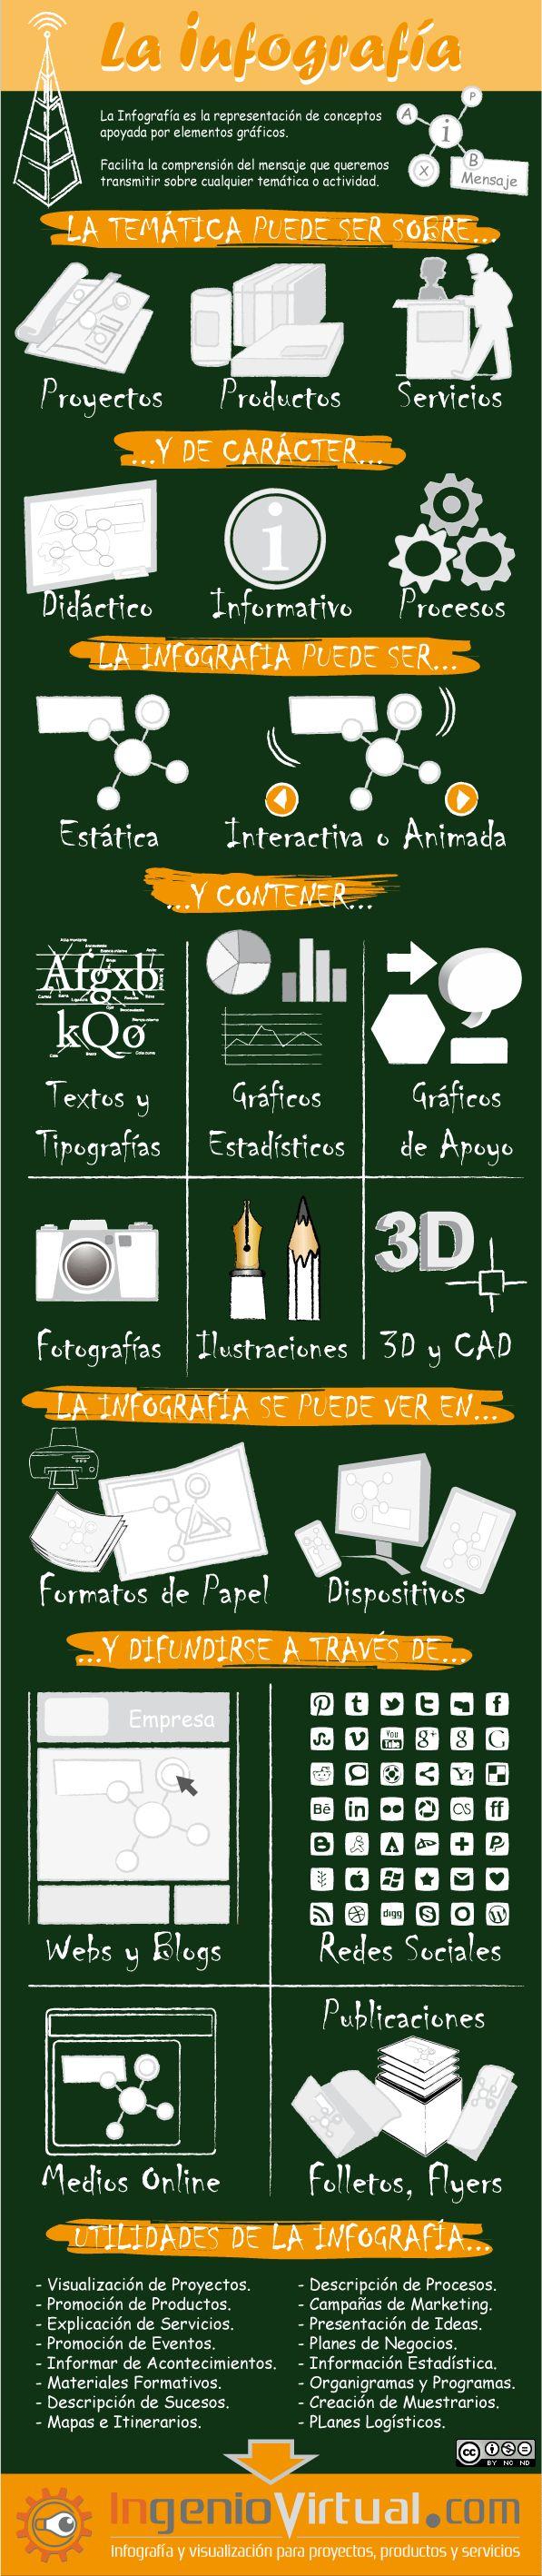 Cómo hacer una infografía.j #infografia en español